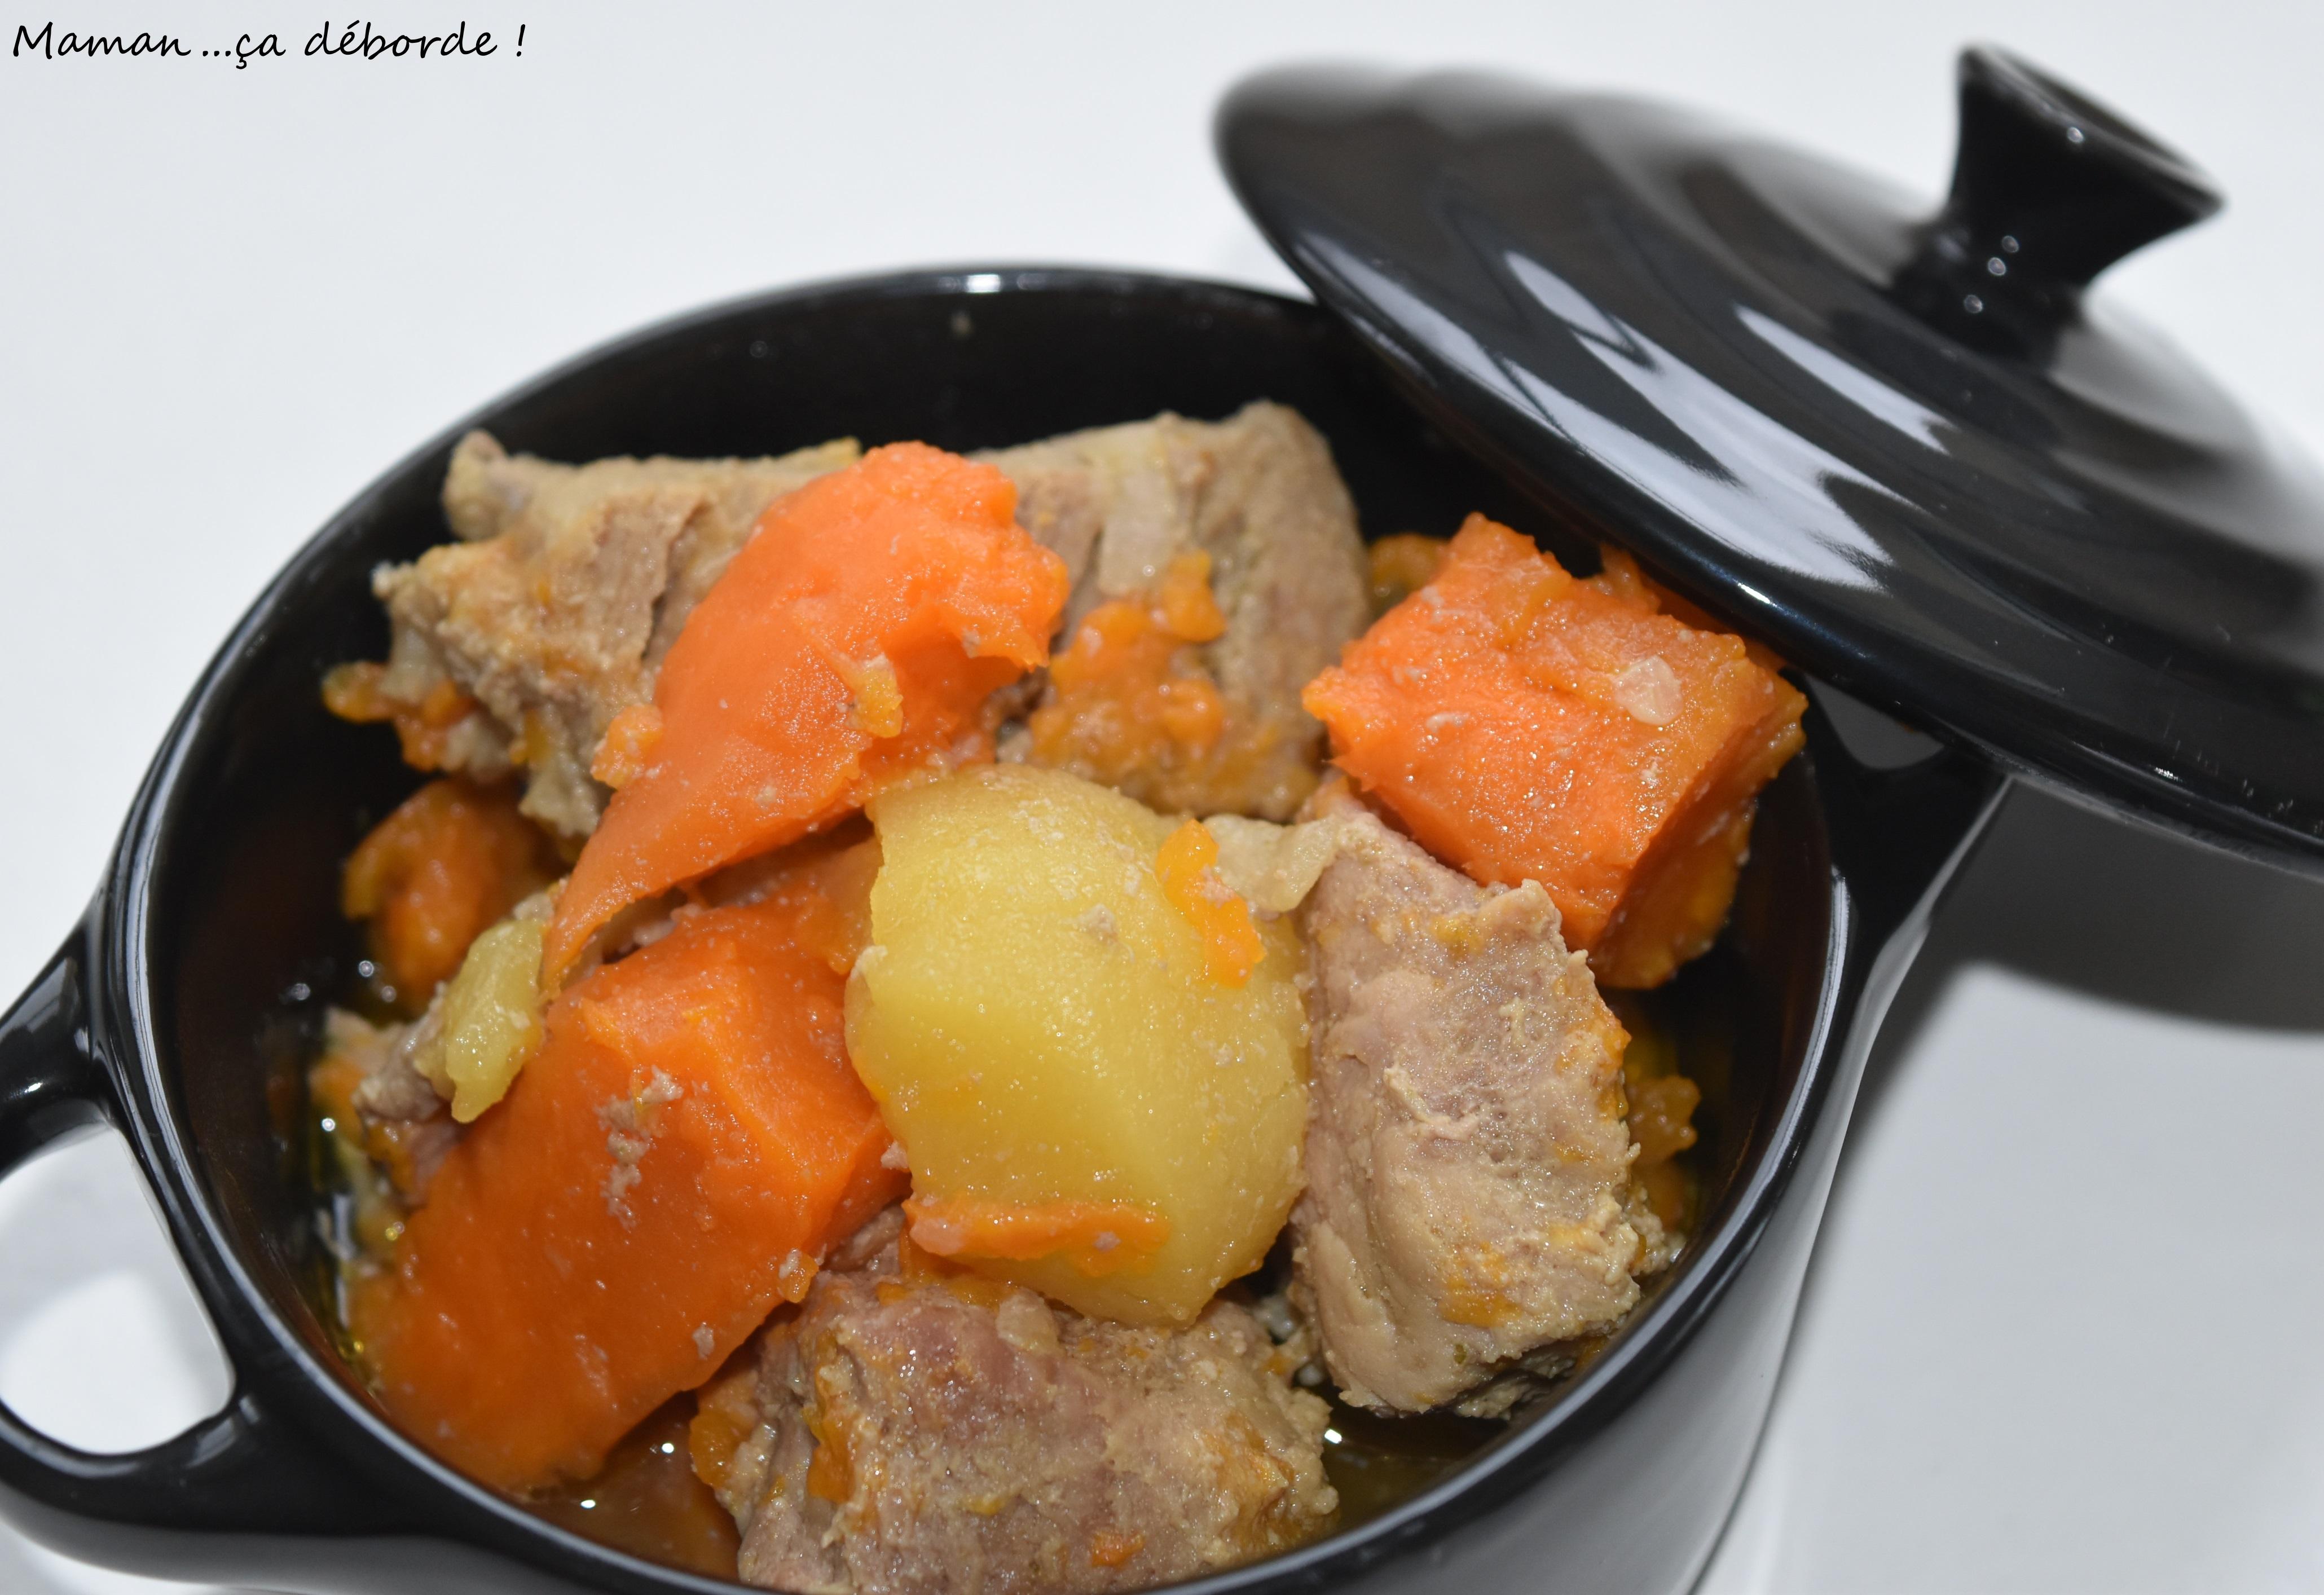 Filet mignon au sirop d'érable, patates douces et pommes